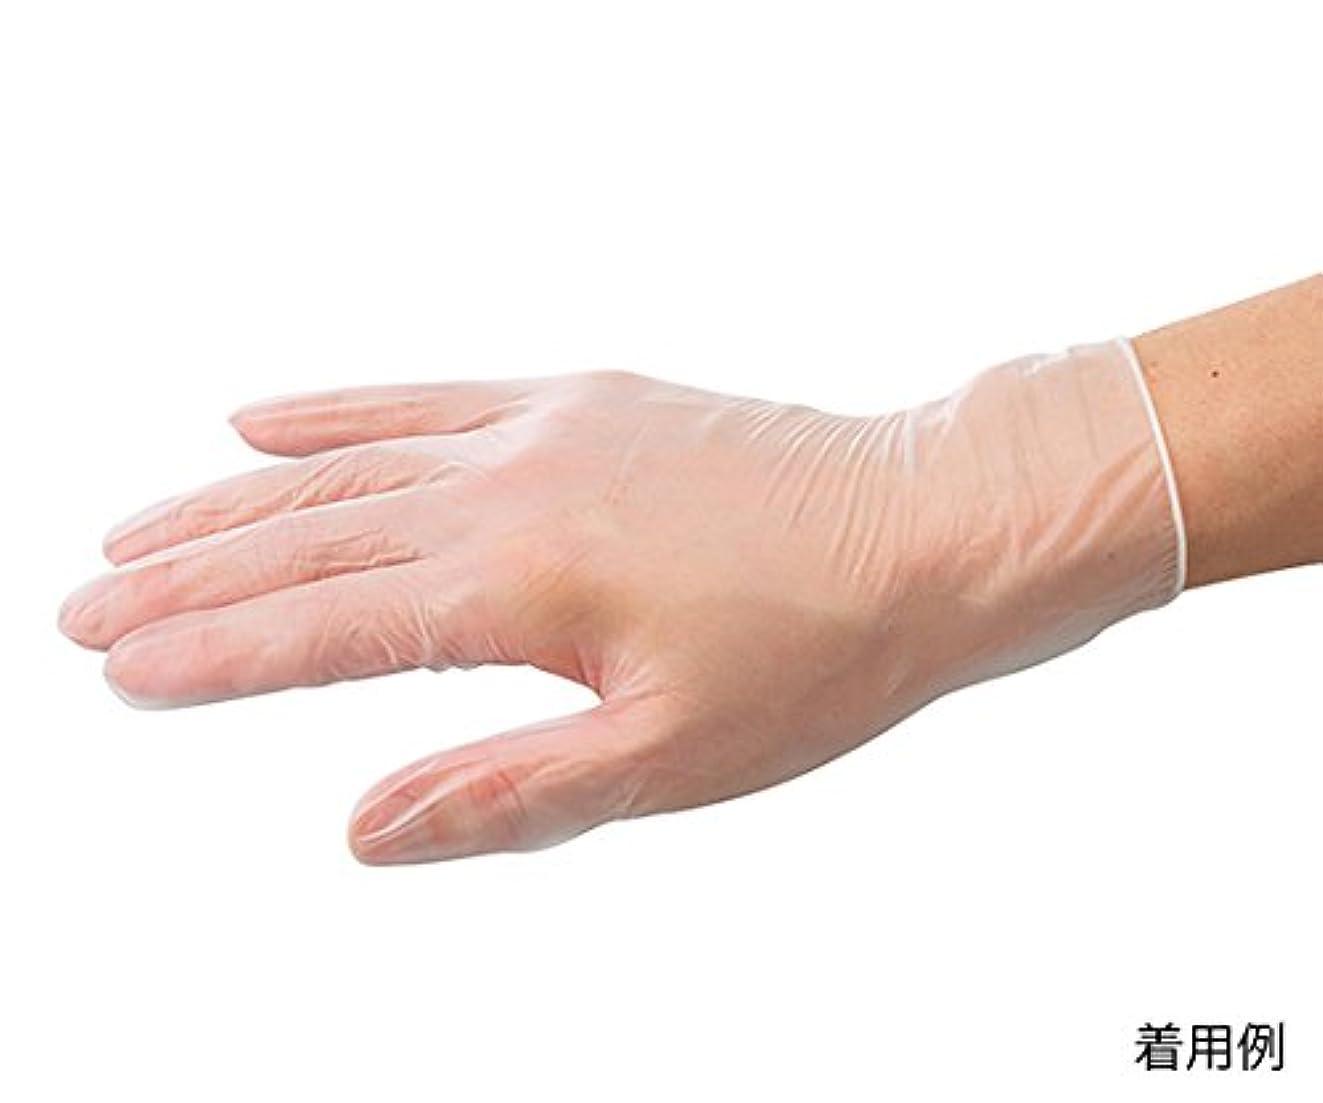 オーディションストローク成功したARメディコム?インク?アジアリミテッド7-3726-03バイタルプラスチック手袋(パウダーフリー)L150枚入